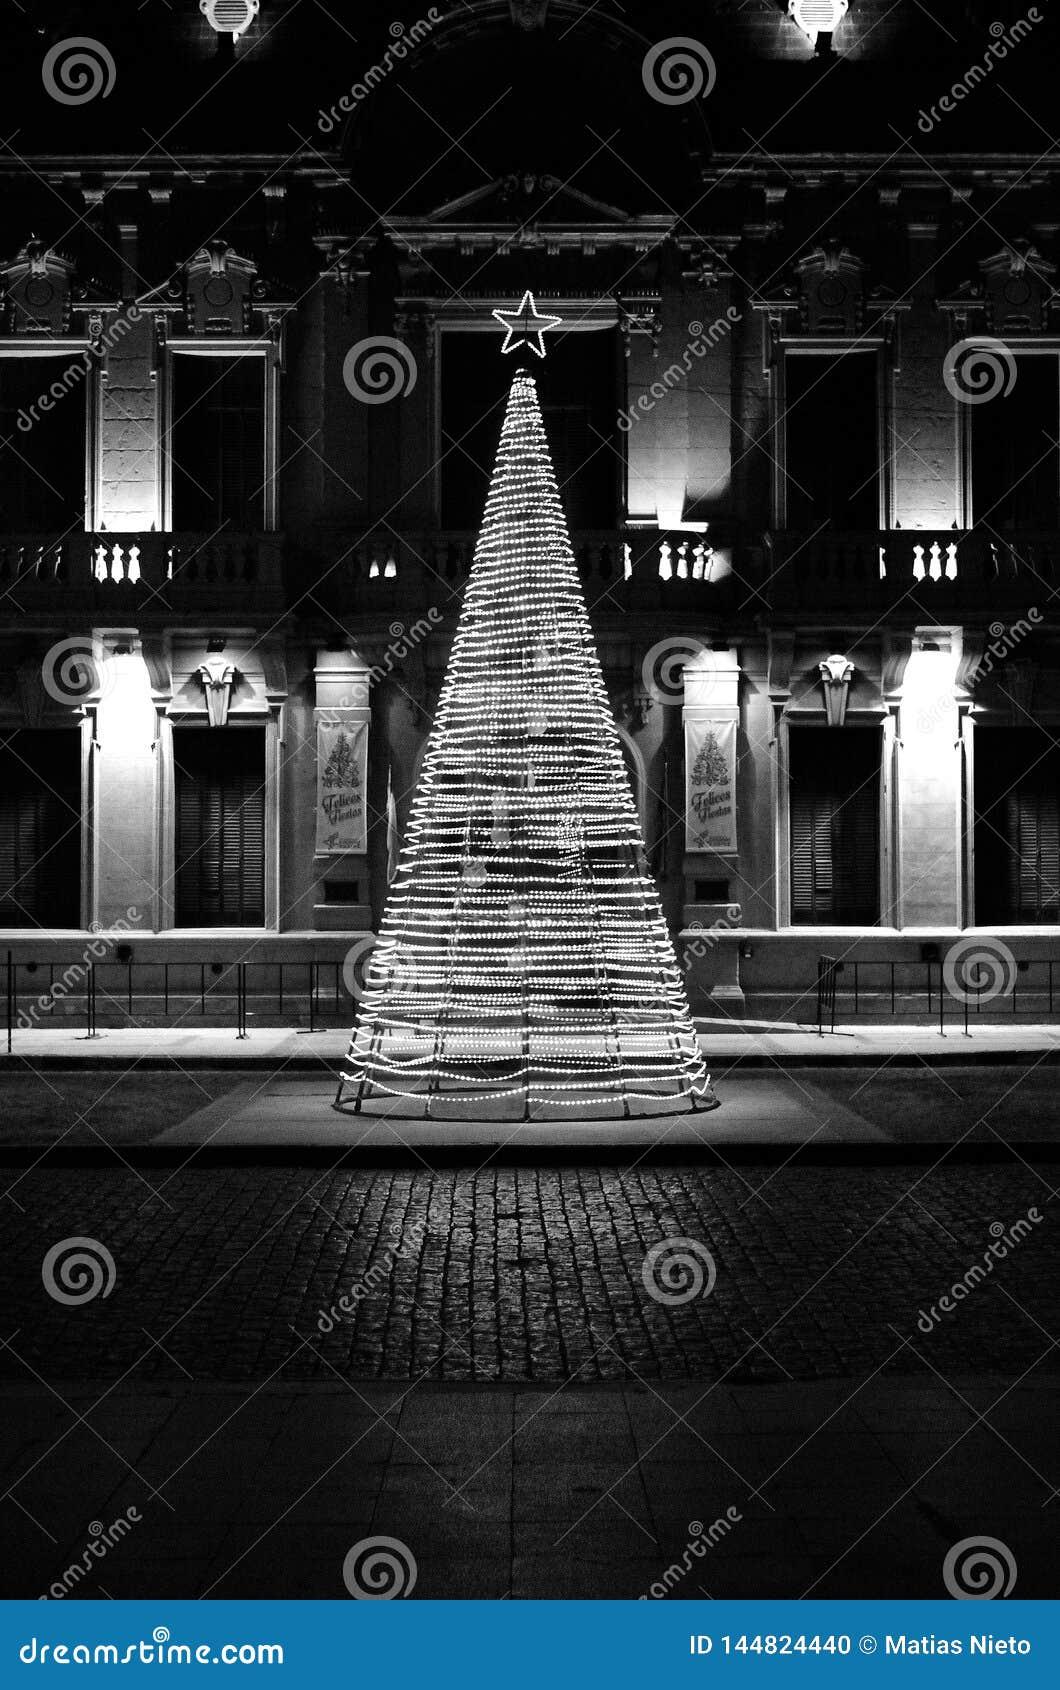 Ελαφριά έννοια δέντρων Χριστουγέννων στην κλασική ιστορική περιοχή τ